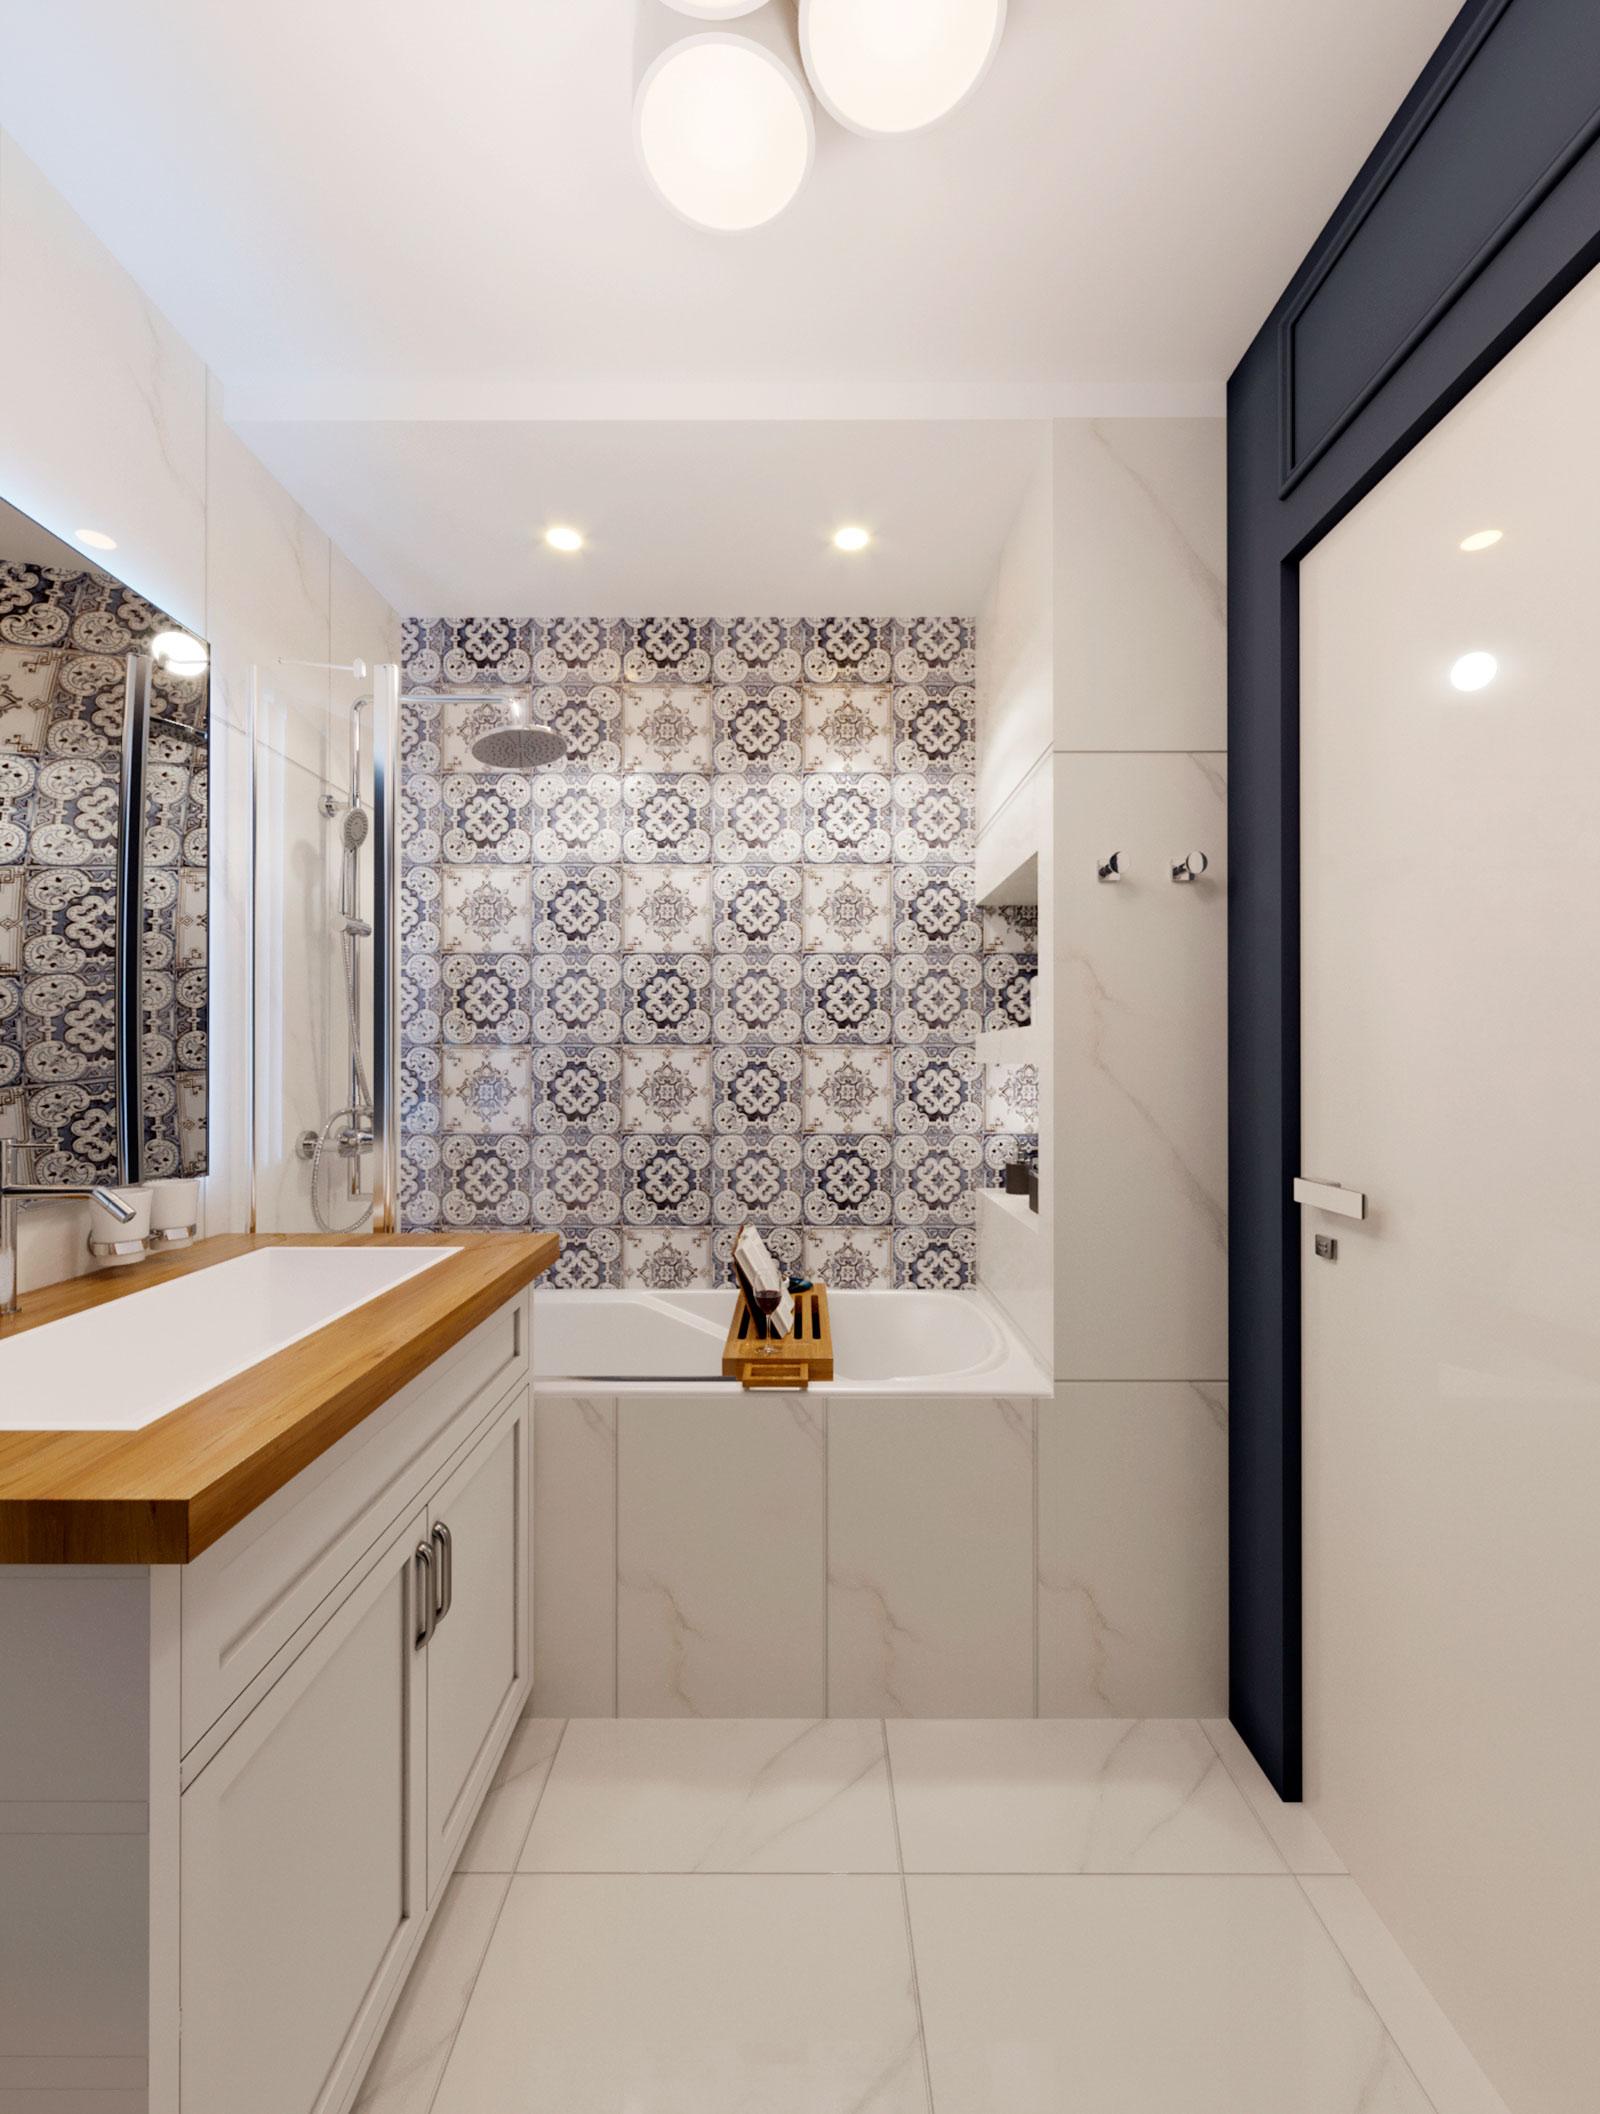 плитка с узором в дизайне ванной